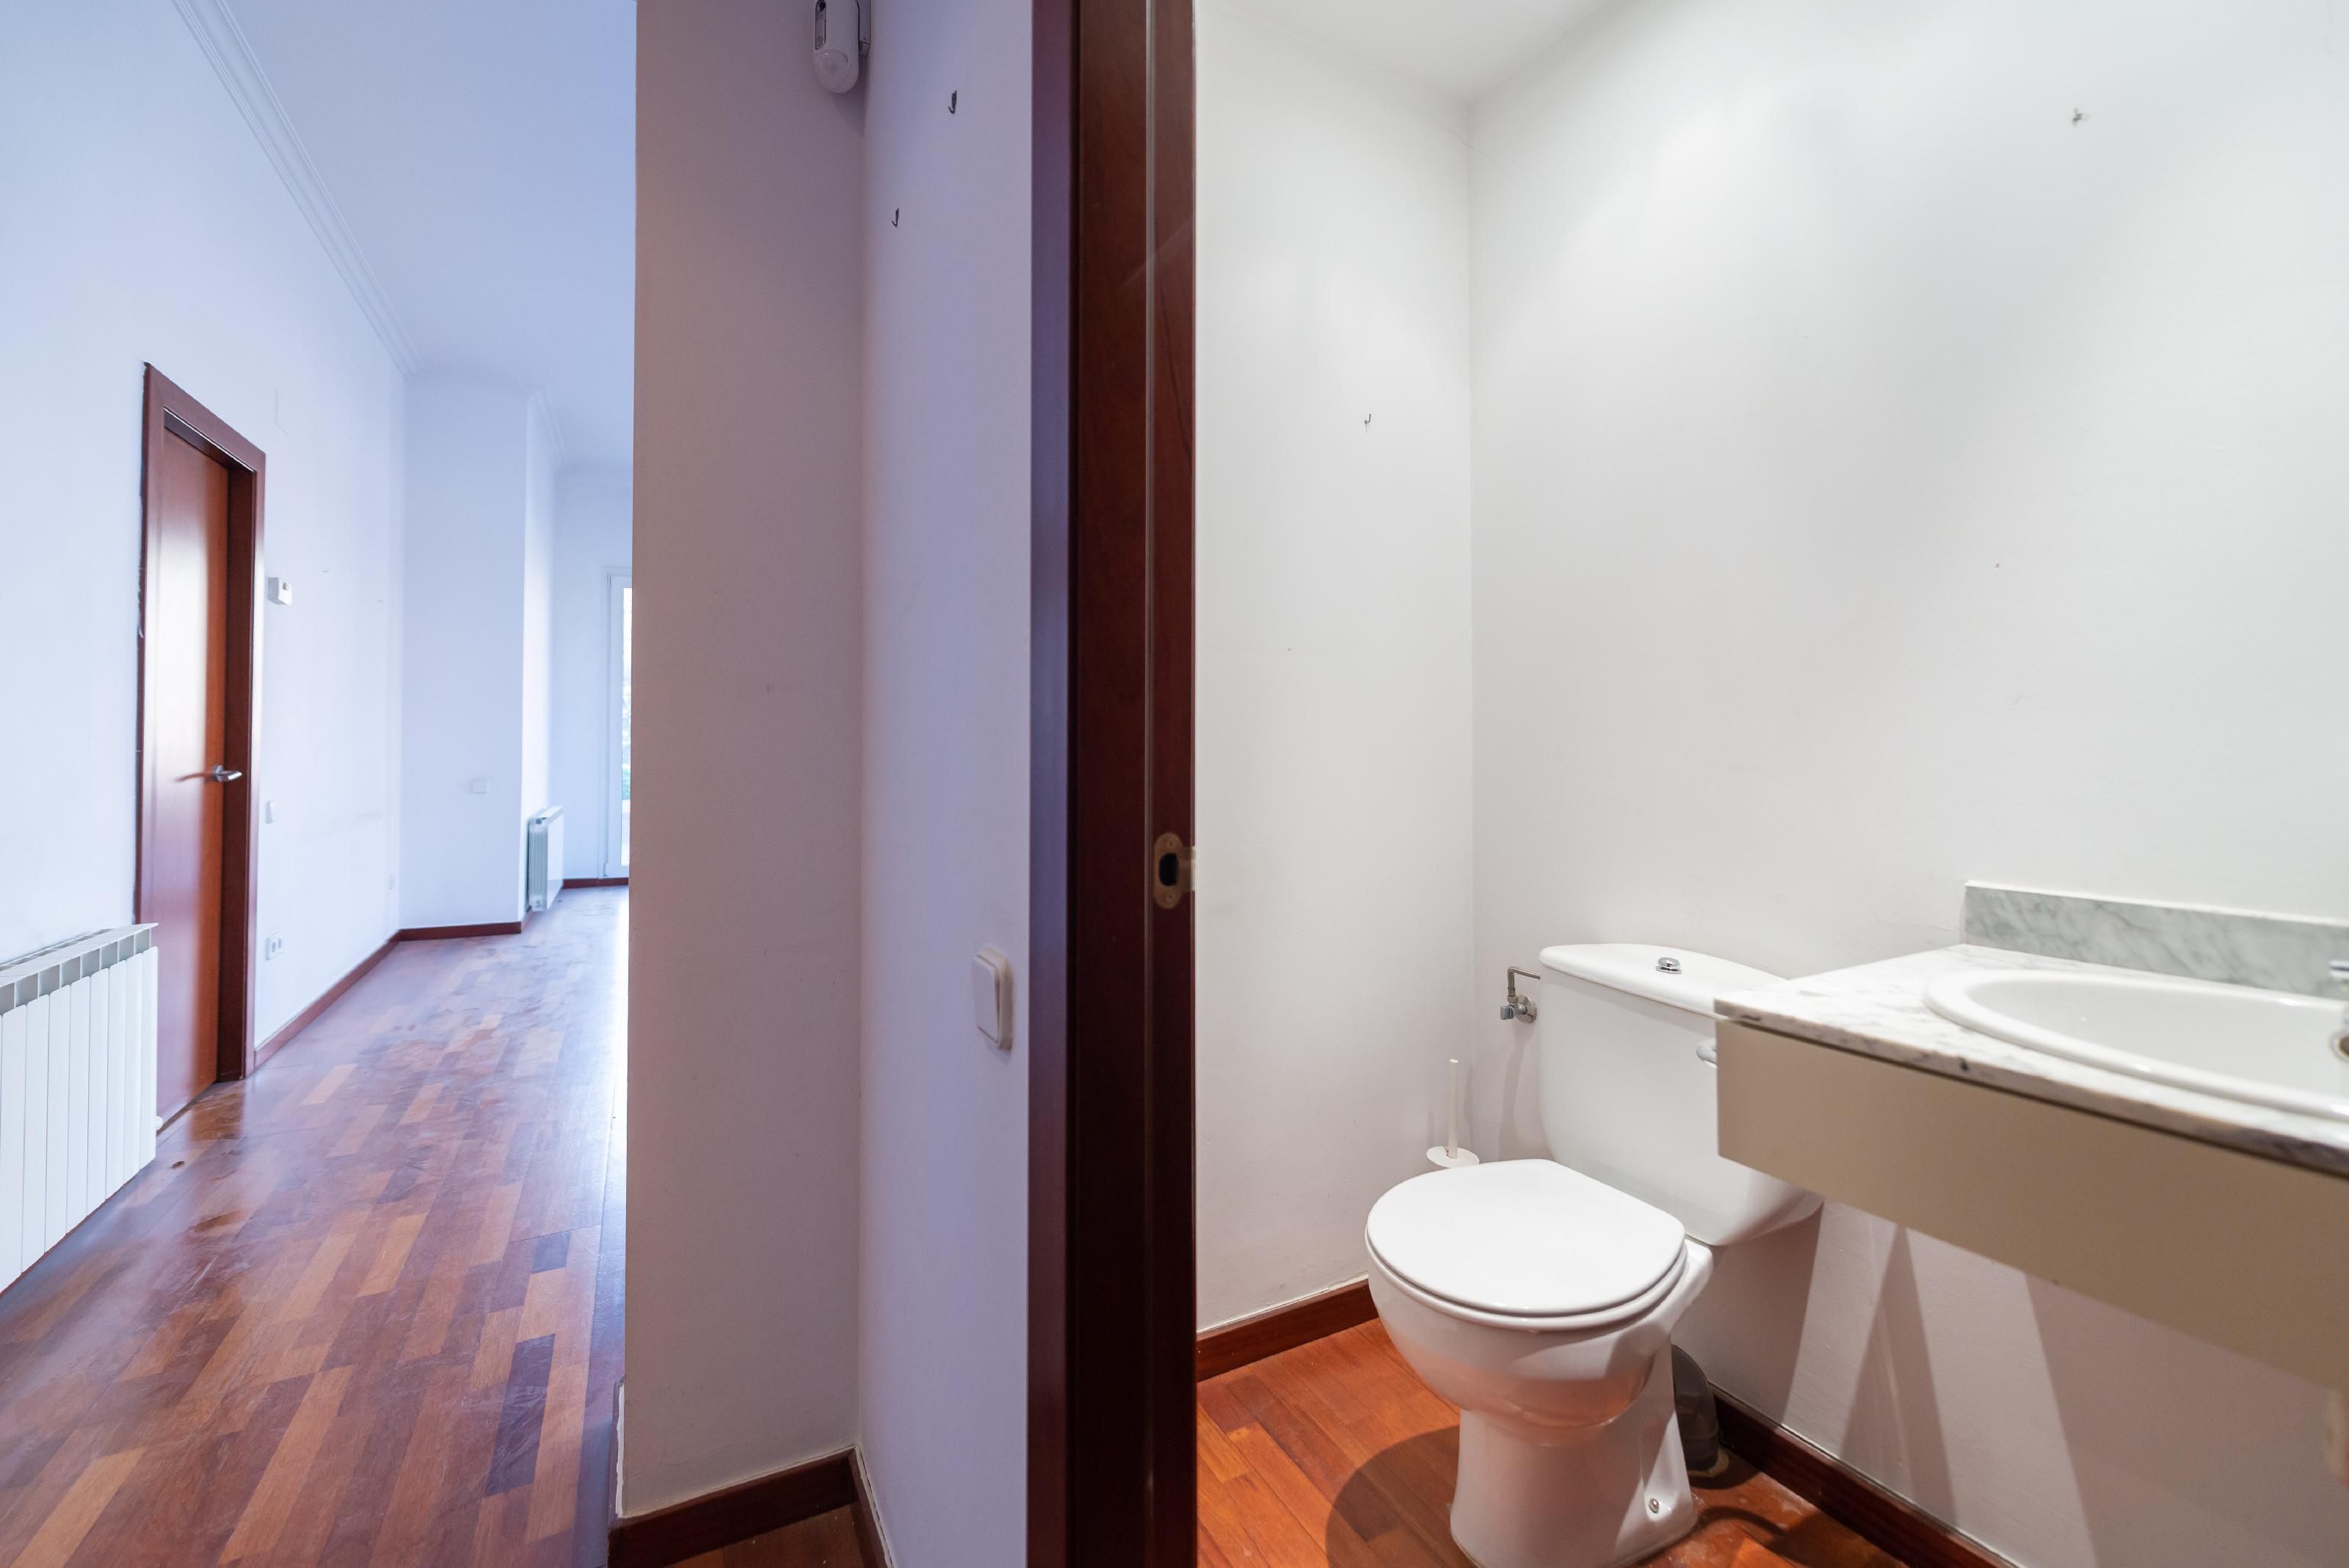 246020 Flat for sale in Sarrià-Sant Gervasi, Sarrià 15